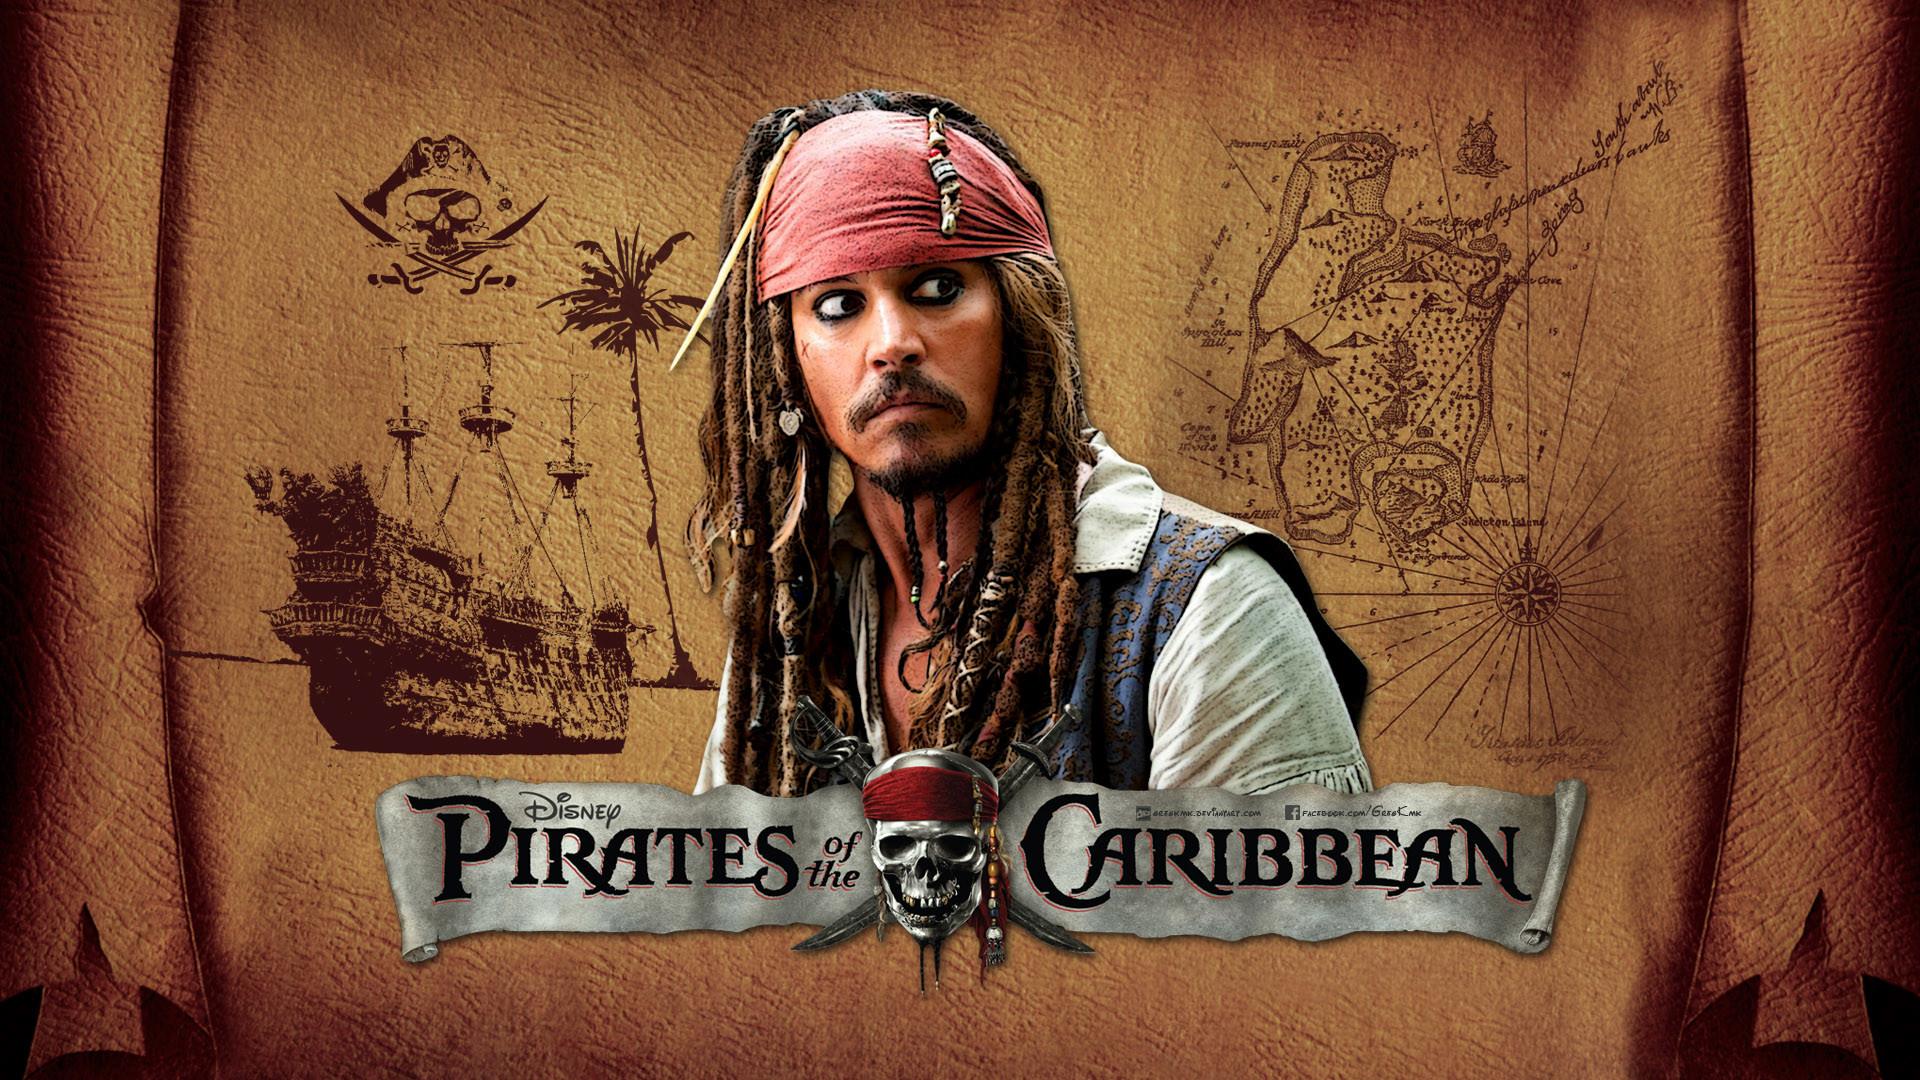 пираты карибского моря 5 обои на рабочий стол 1920х1080 № 220154 без смс